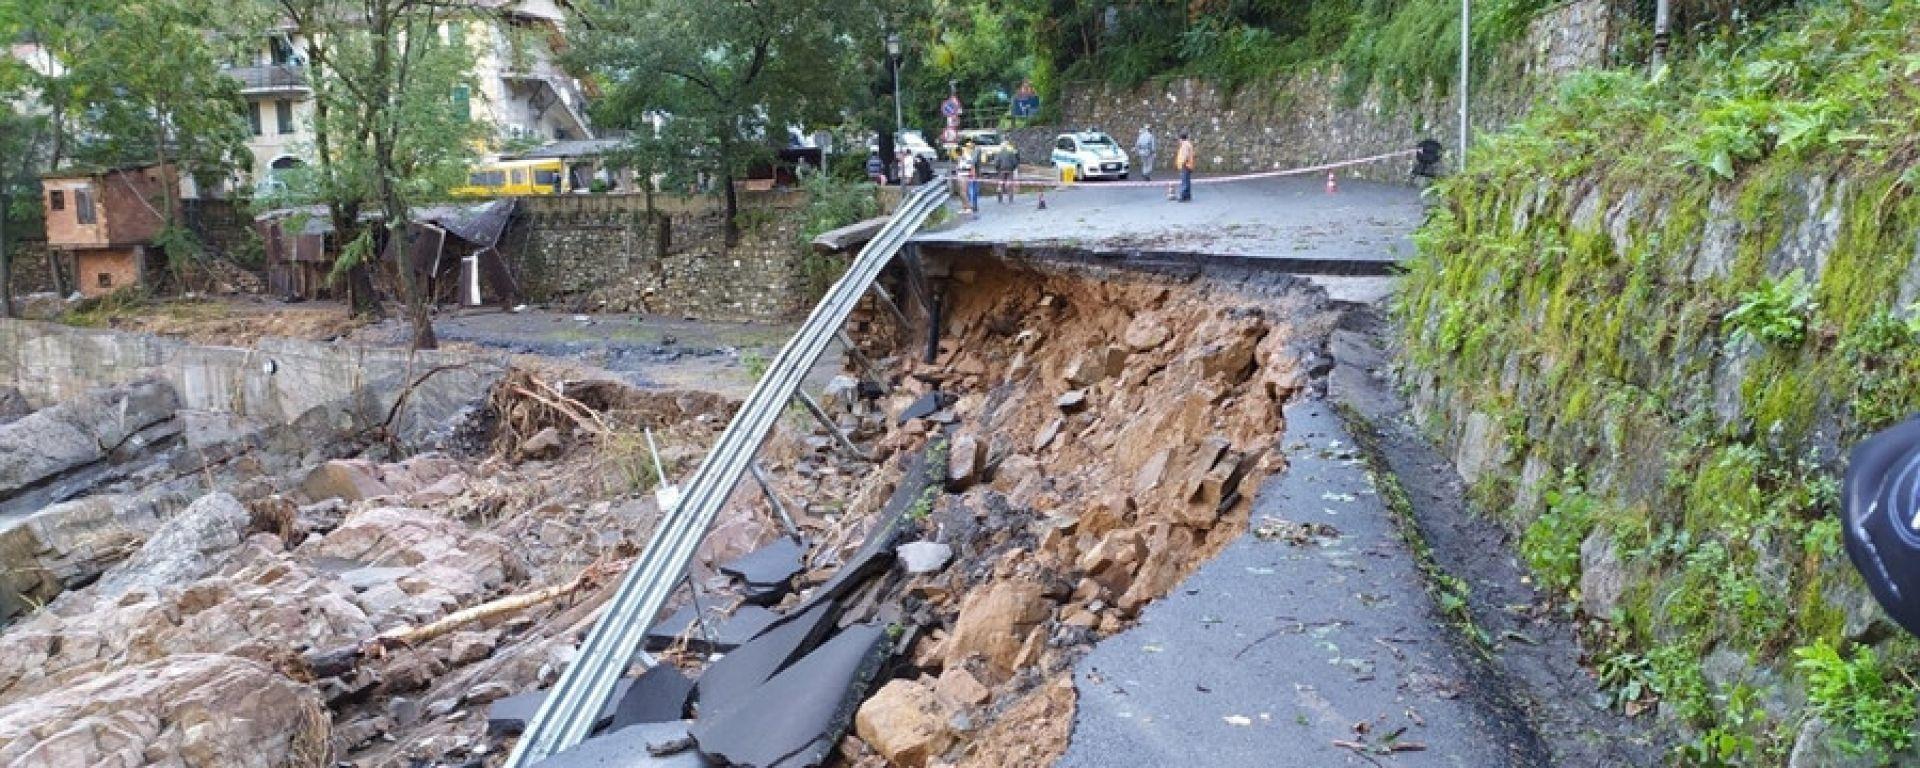 CIR, Rallye Sanremo 2020: una strada franata per la forte pioggia